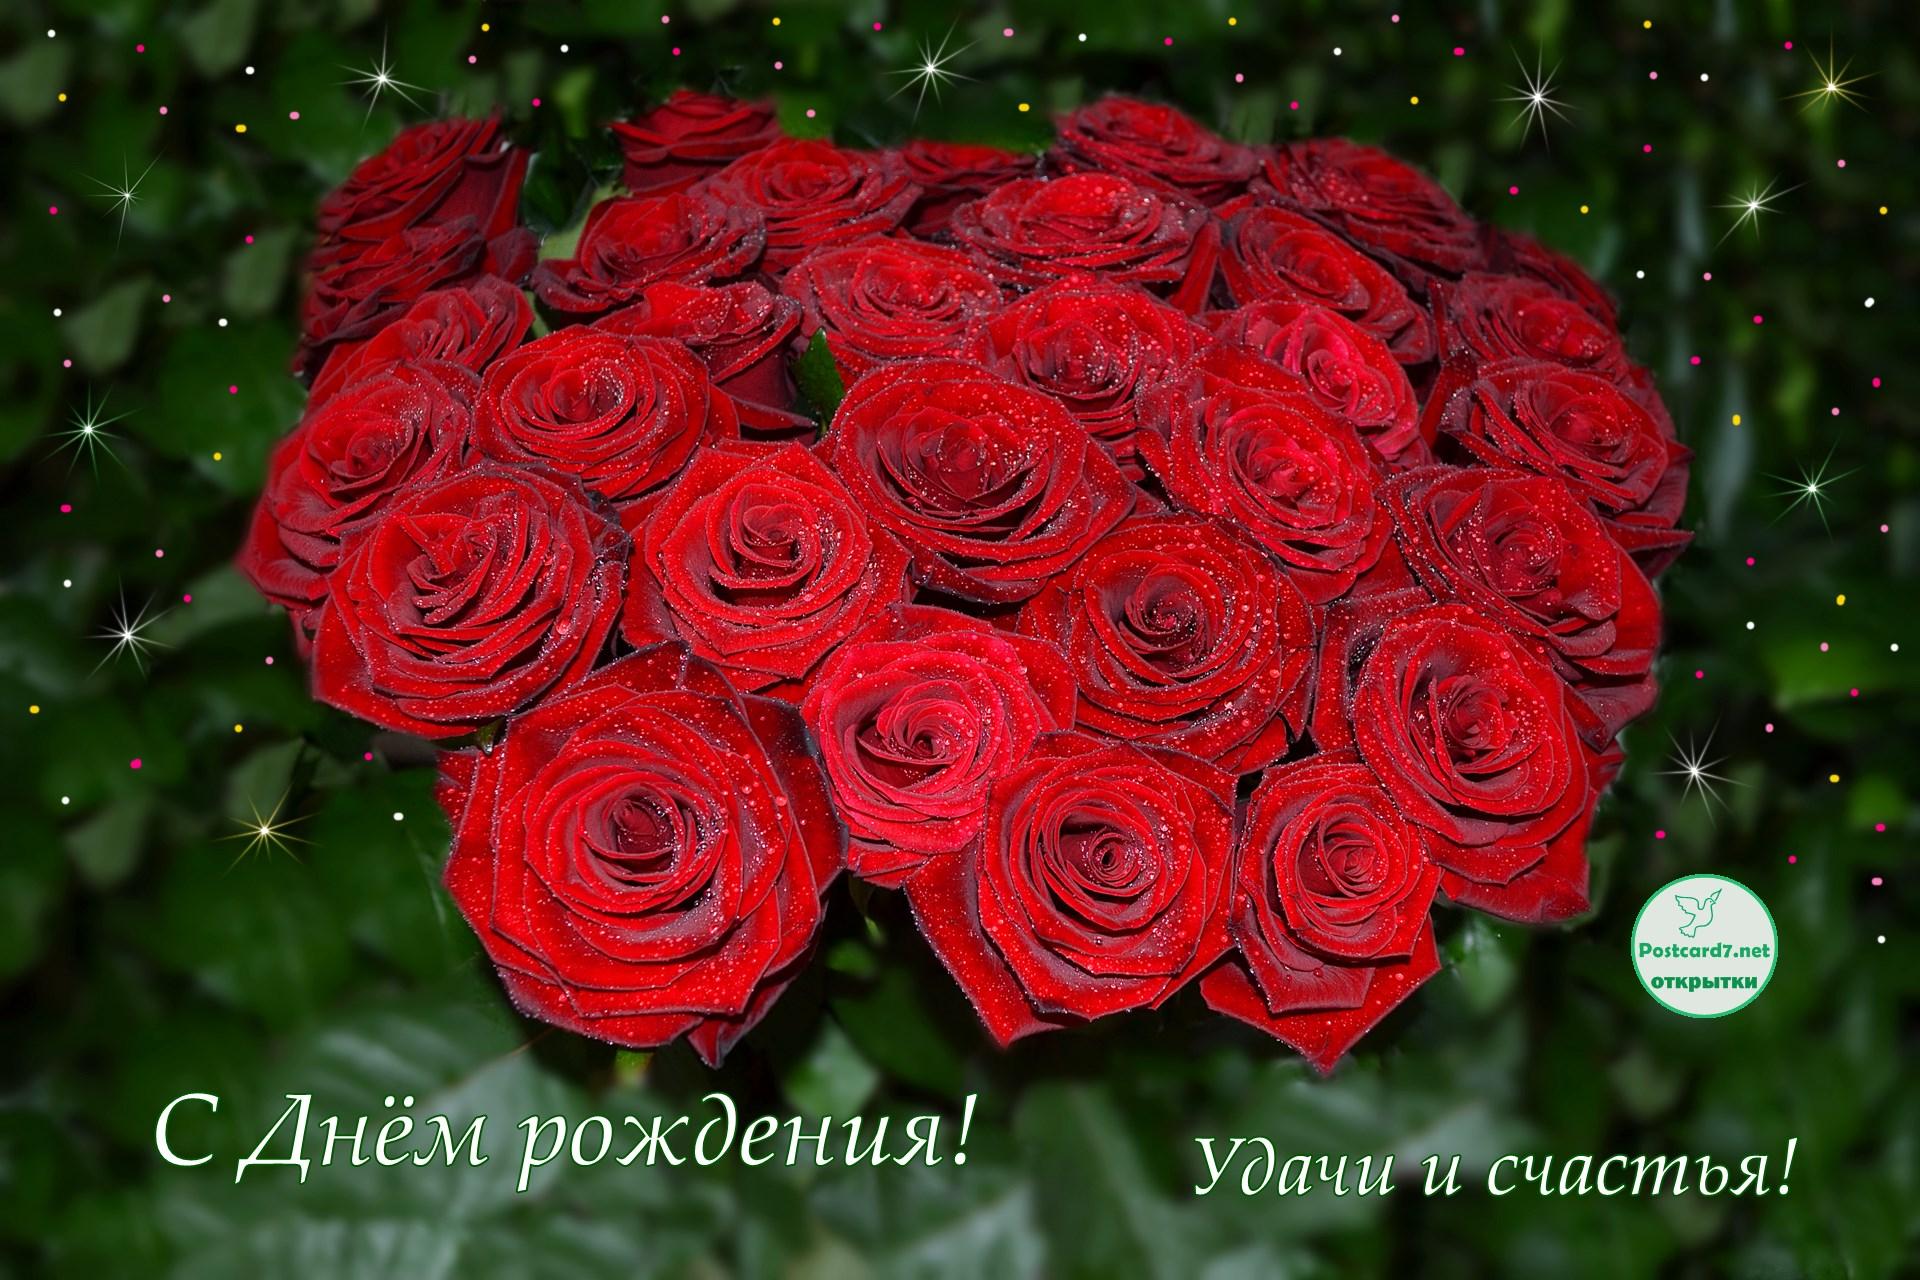 С днем рождения открытка фото розы, открытки для